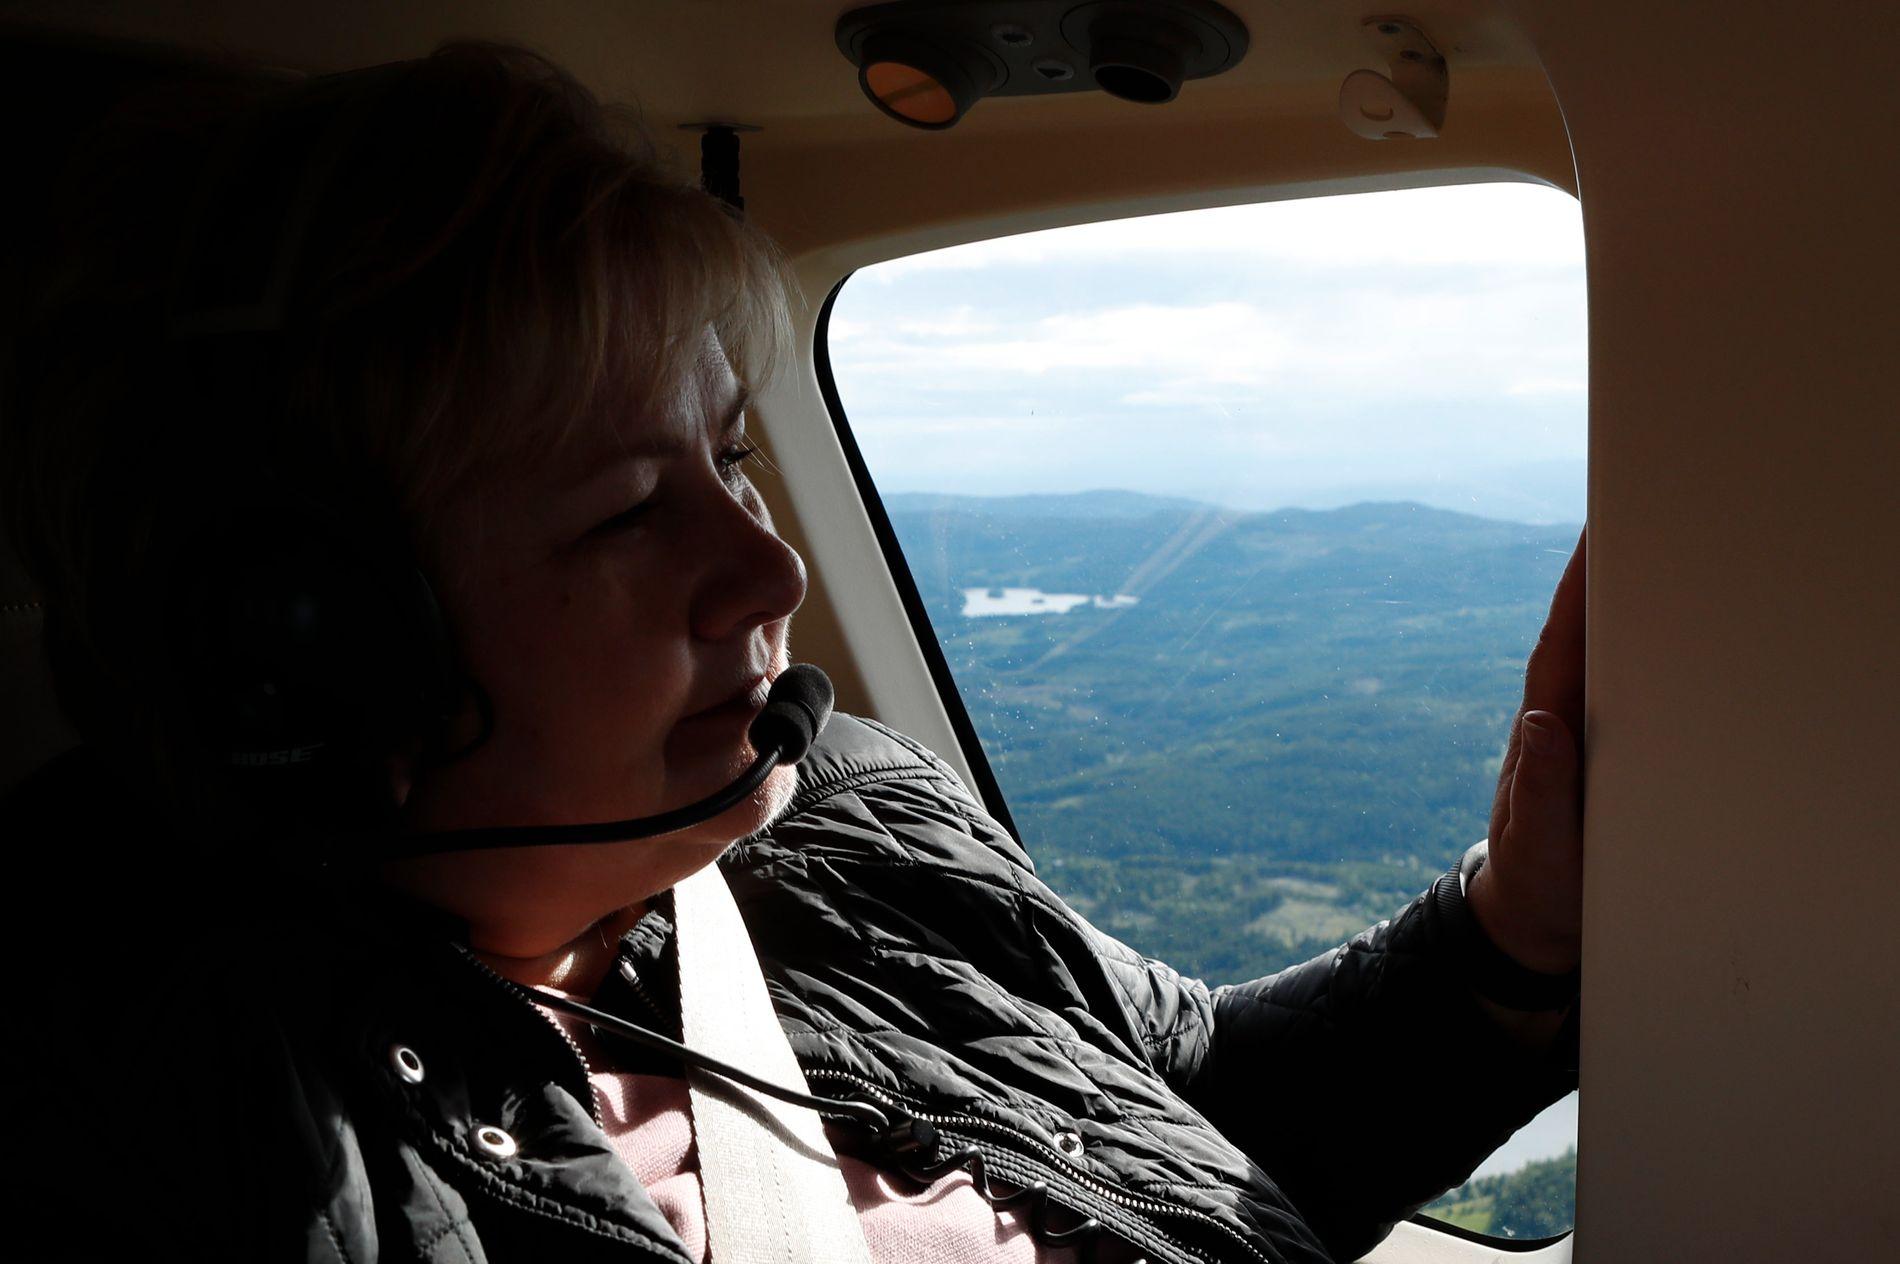 NÅLEN I HØYSTAKKEN: Erna Solberg fløy helikopter rett fra regjeringskonferanse på Statsministerens kontor i Oslo og over Nordmarka til Åstjern. Her titter hun ut over marka, hvor ulven befinner seg et eller annet sted.